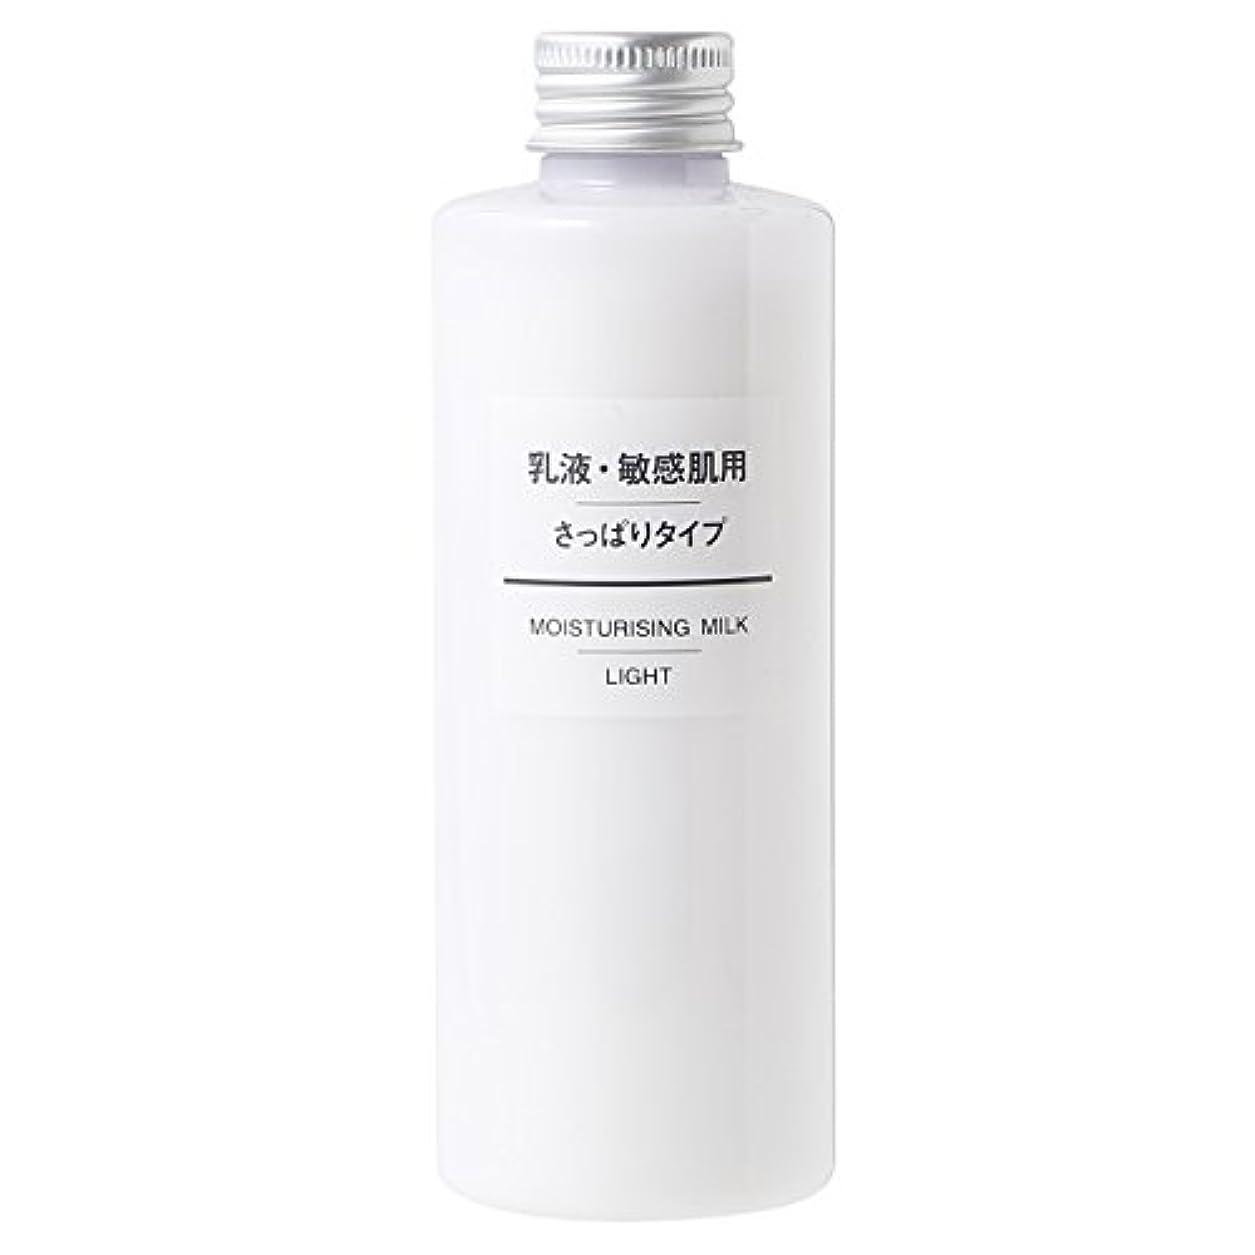 艶日常的に北東無印良品 乳液 敏感肌用 さっぱりタイプ 200ml